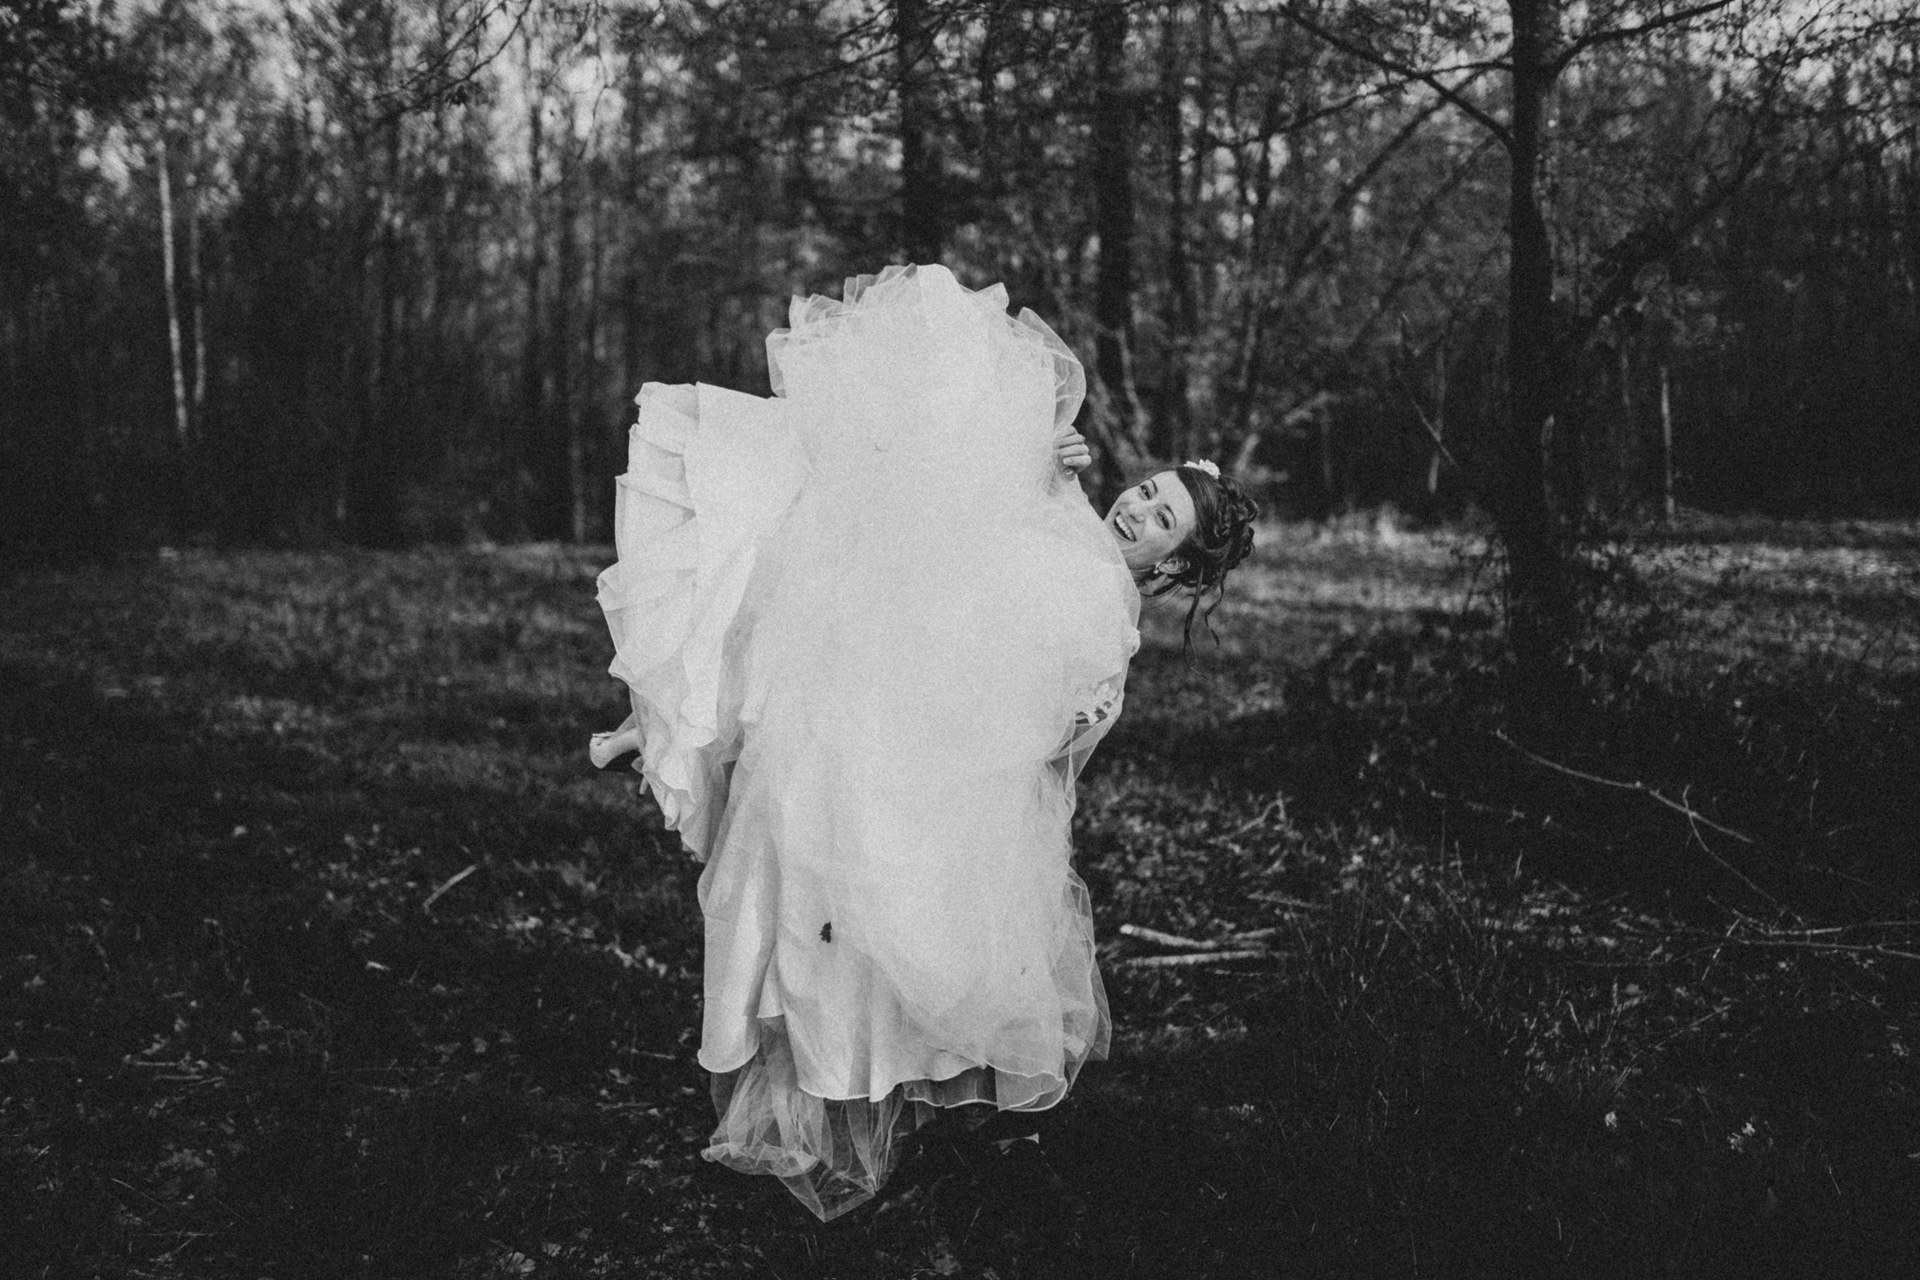 Christophe ROLAND / photographe seine et marne / photographe lifestyle / Photographe meaux / Paris / meaux / photographe mariage paris / ceremonie laique / photographe moody / domaine de la choquette